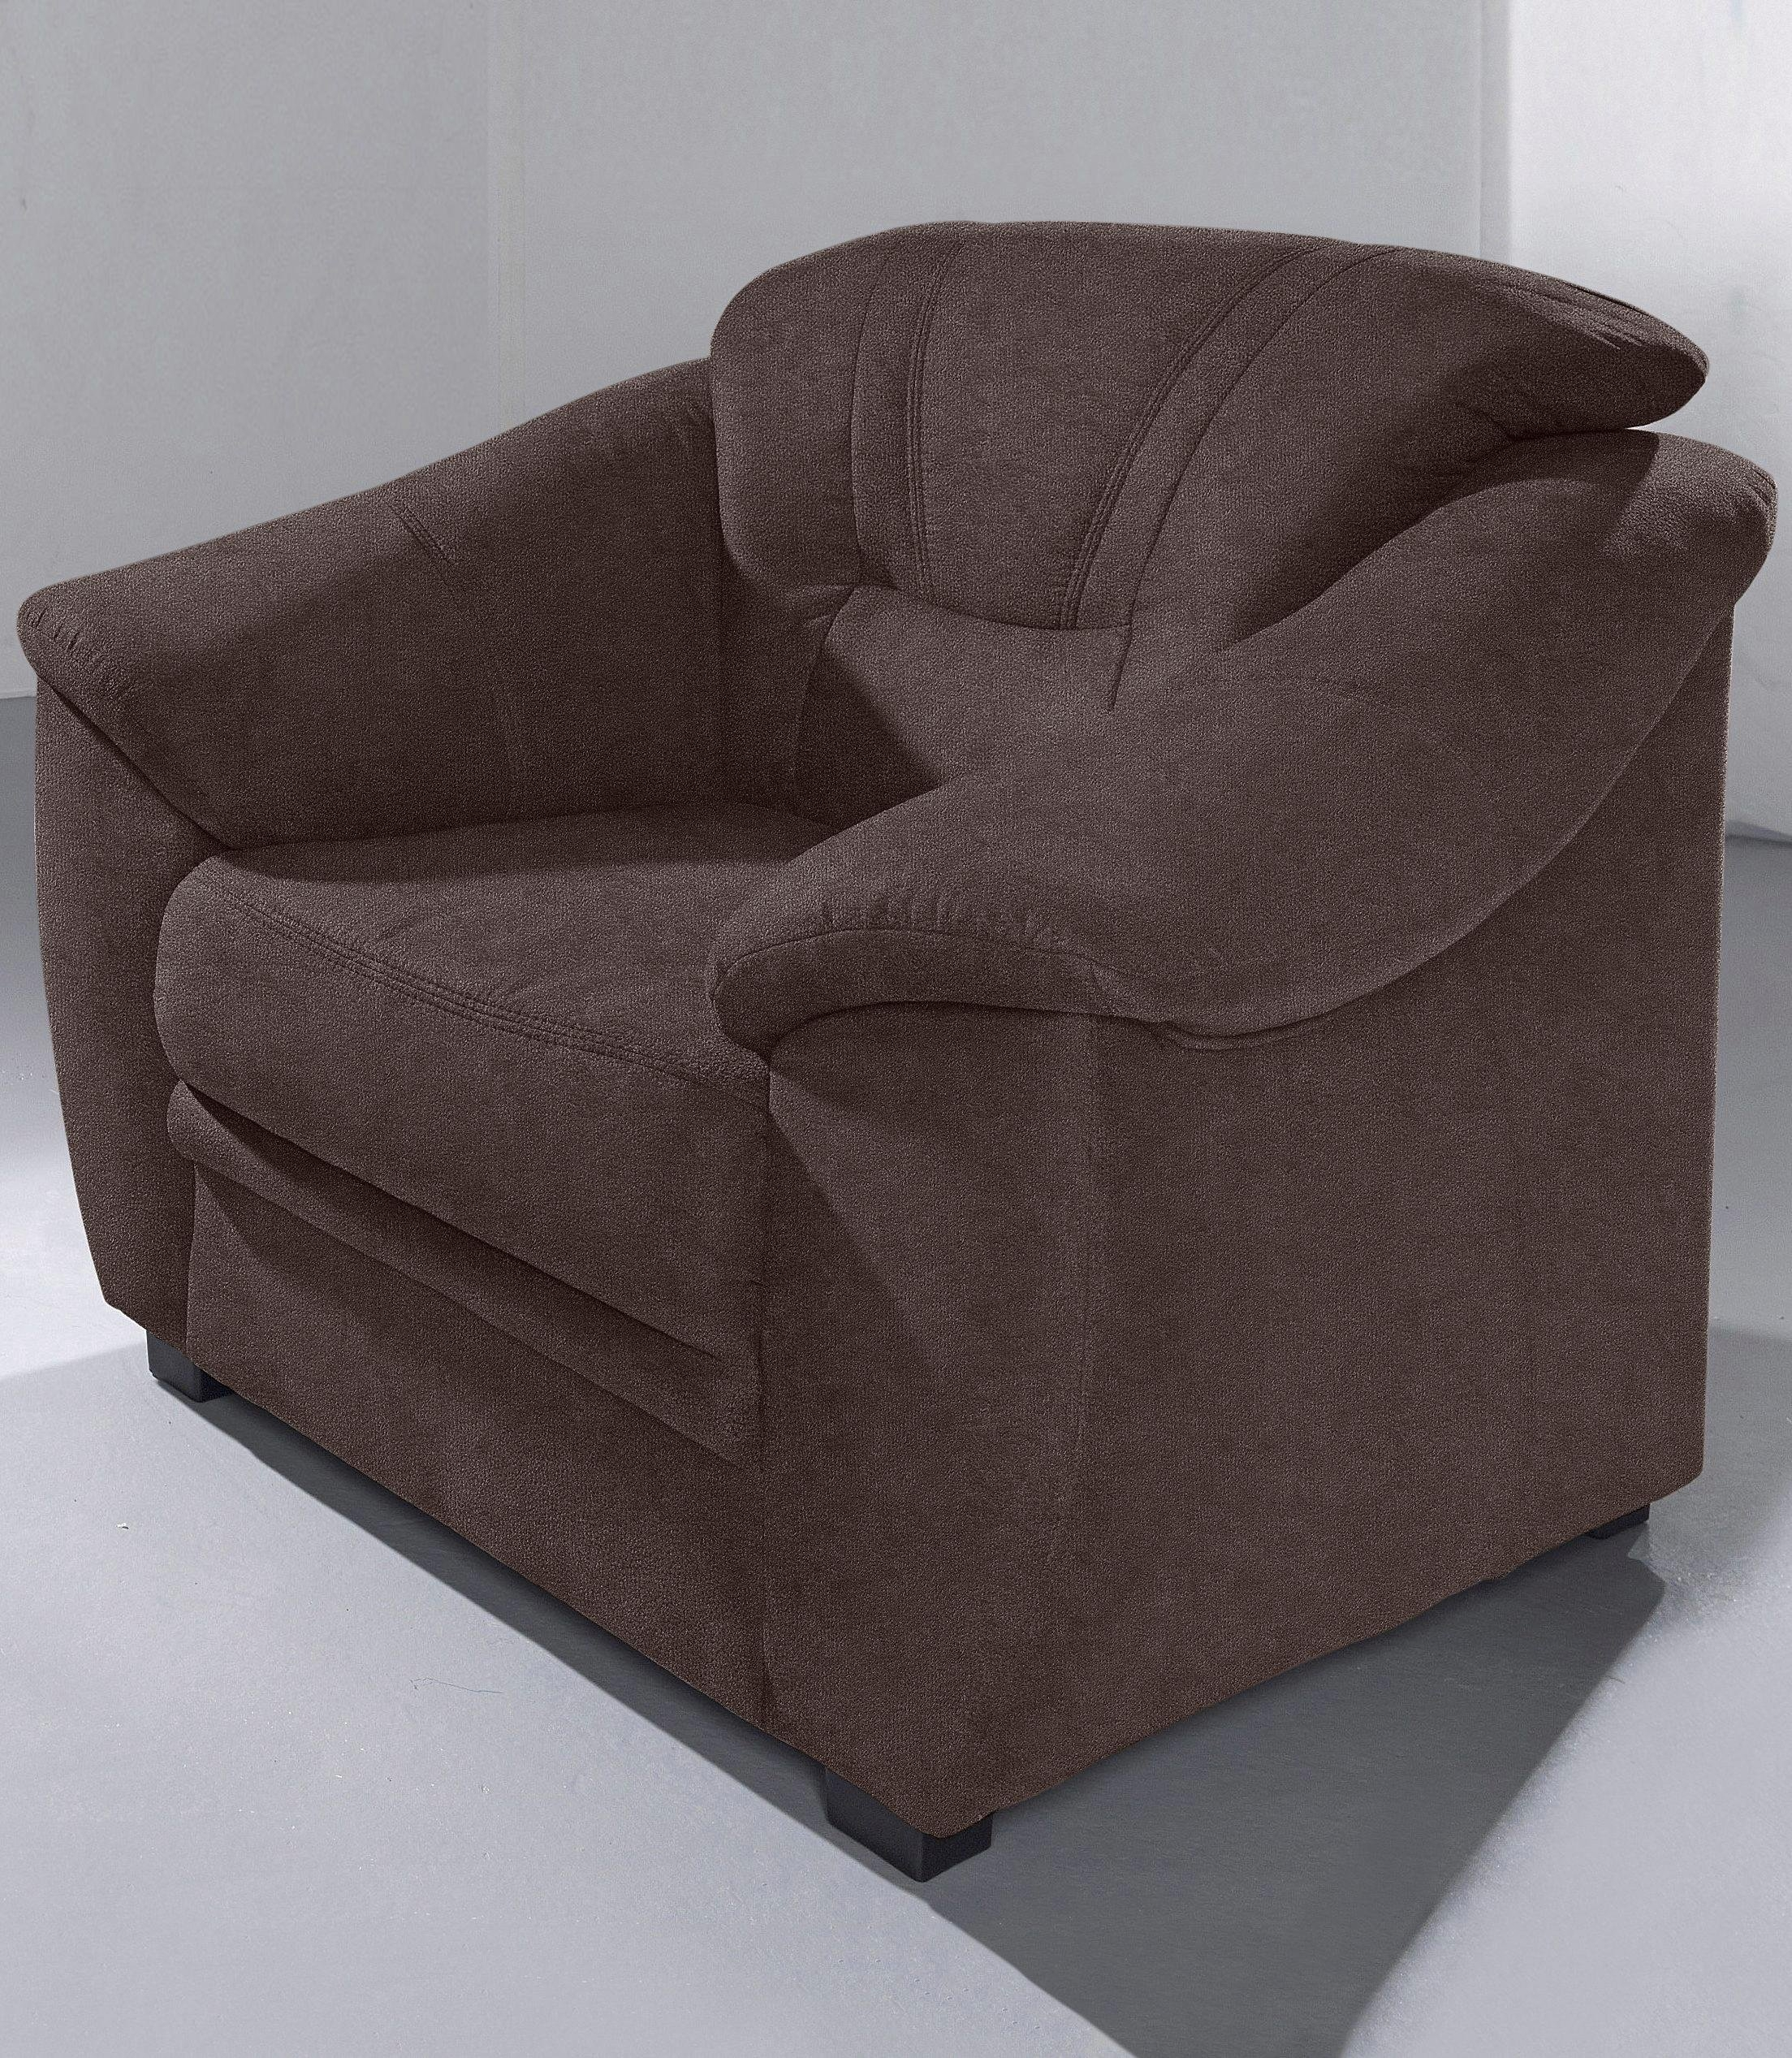 Sit&more Fauteuil in 4 bekledingskwaliteiten in de webshop van OTTO kopen